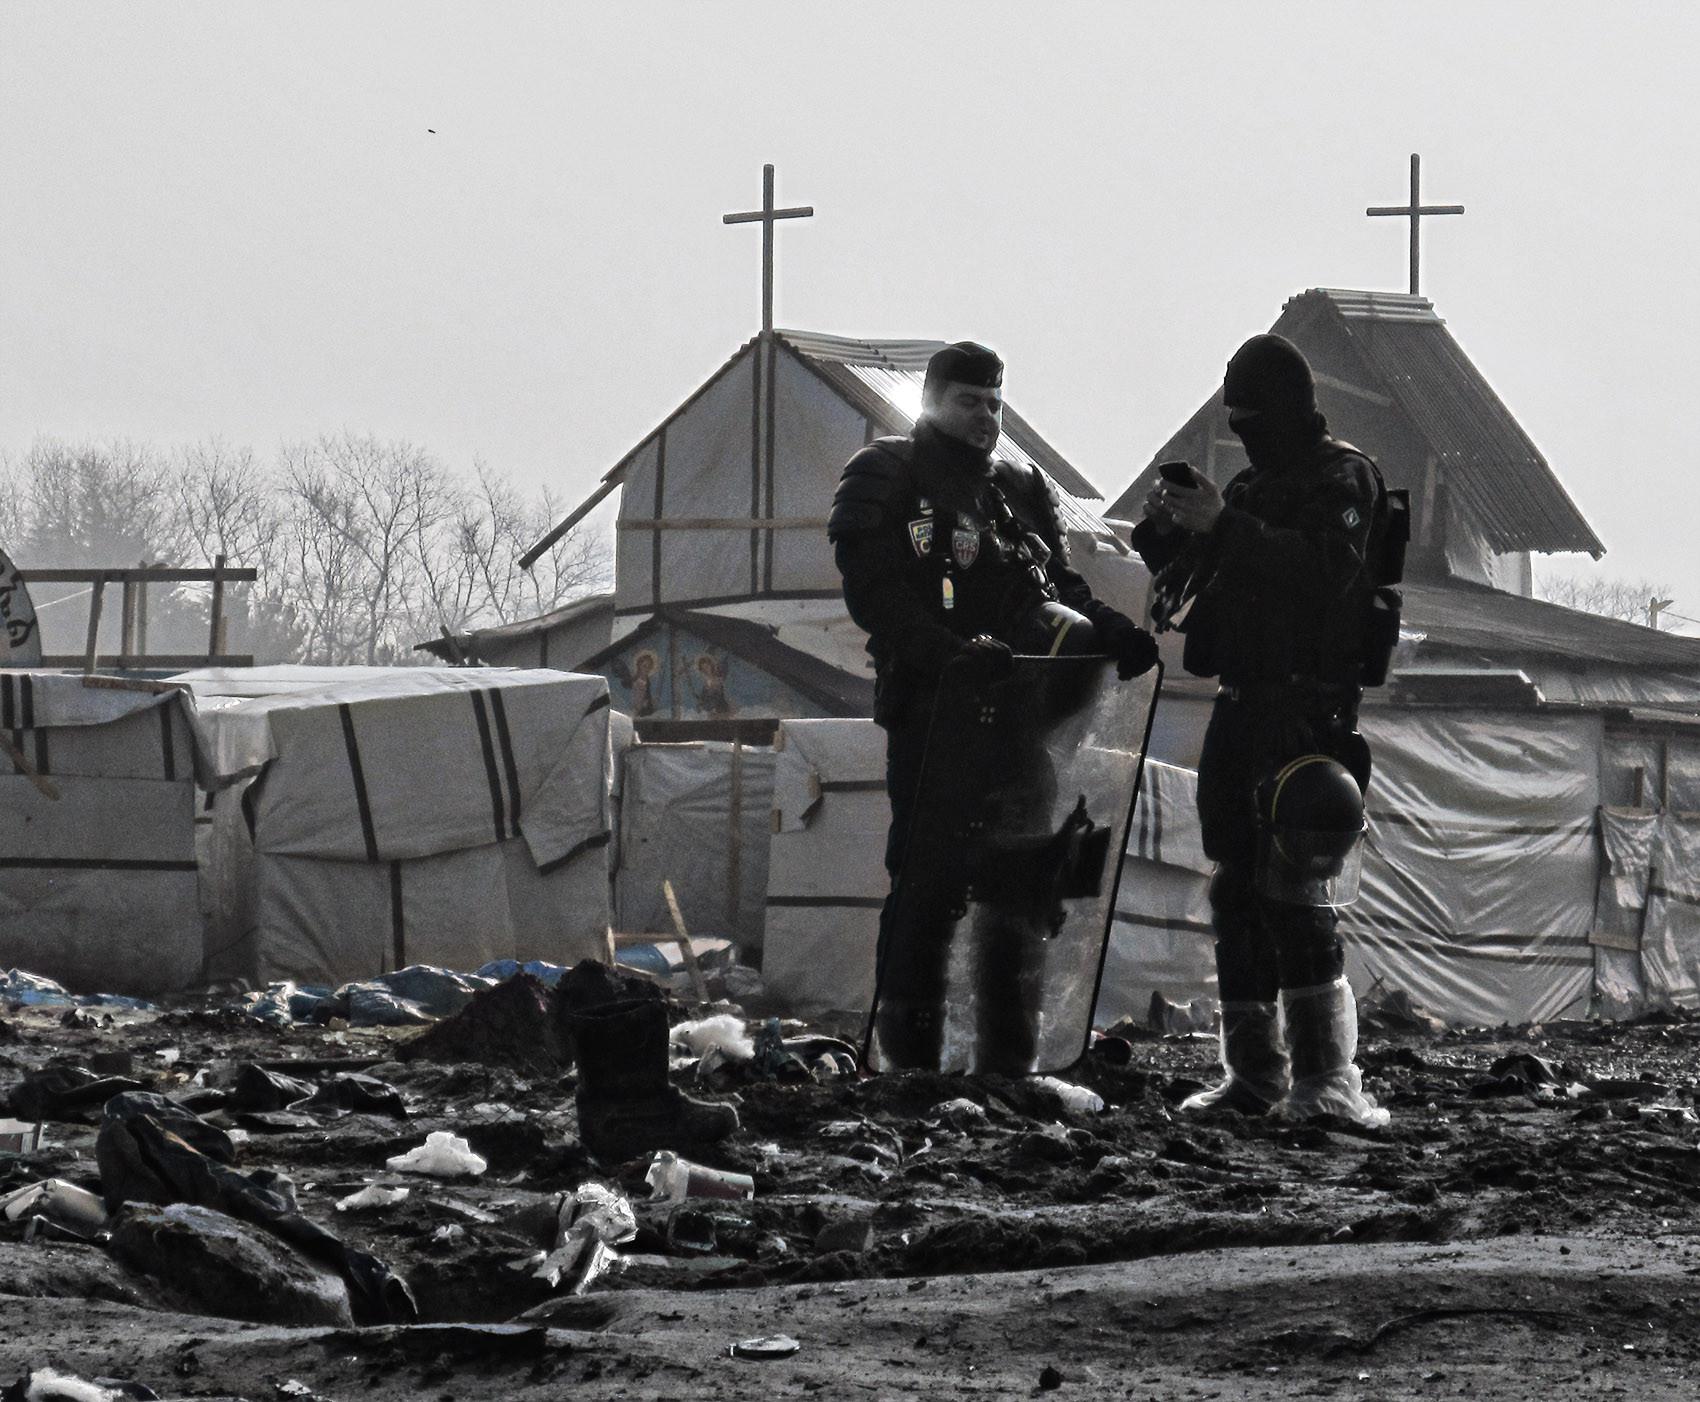 CRS et église. Jungle de Calais.